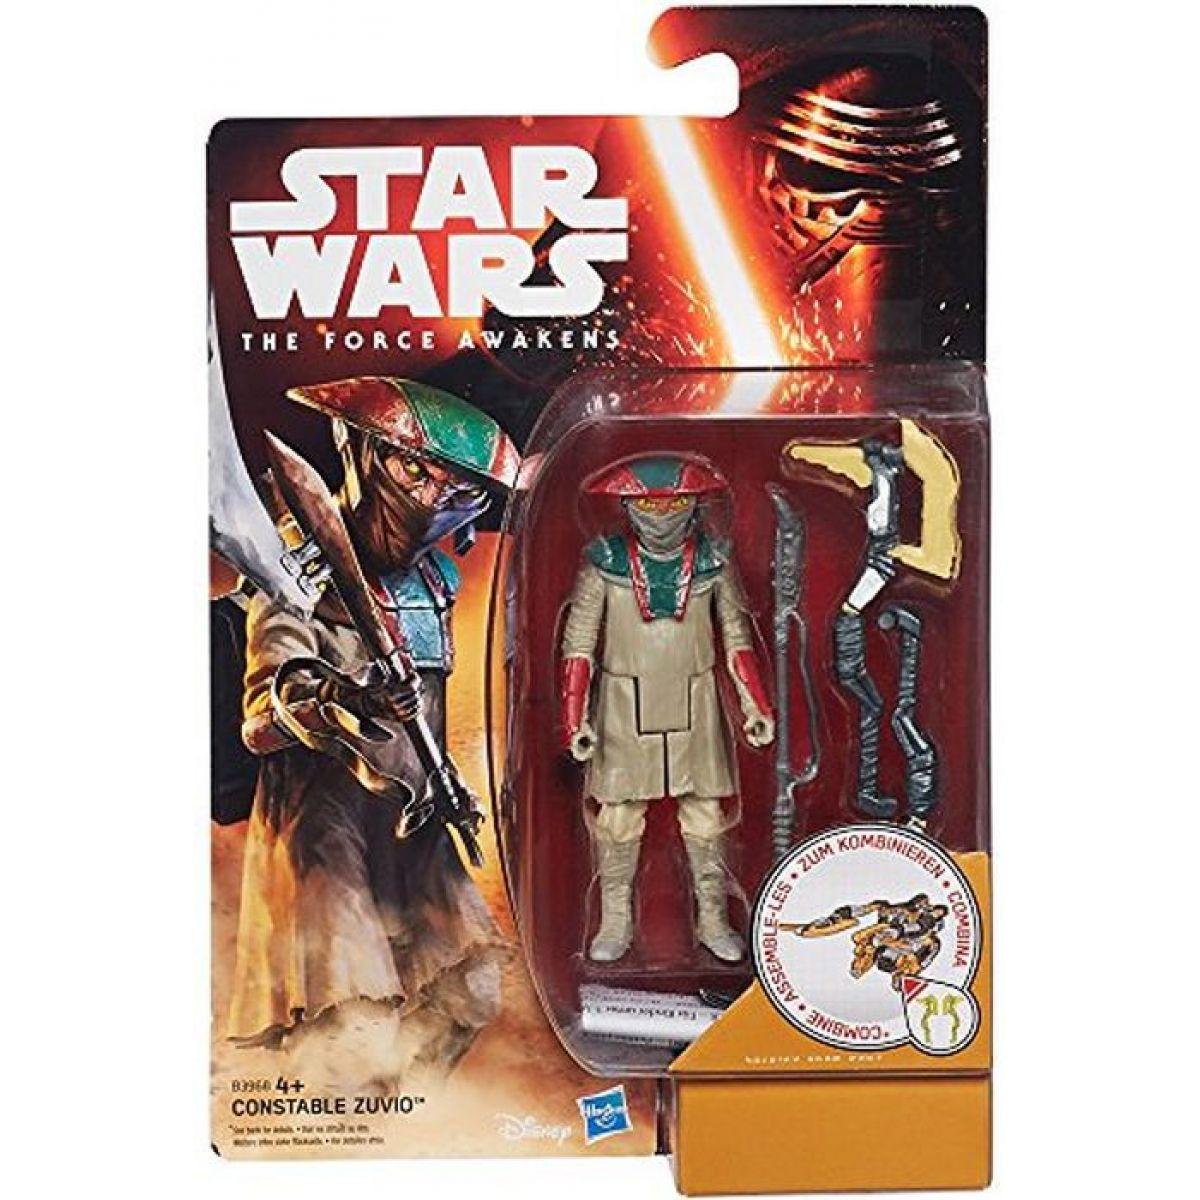 Звездные войны Миссия в пустыне фигурка Констебль Зувио. Оригинал Hasbro B3968/B3963